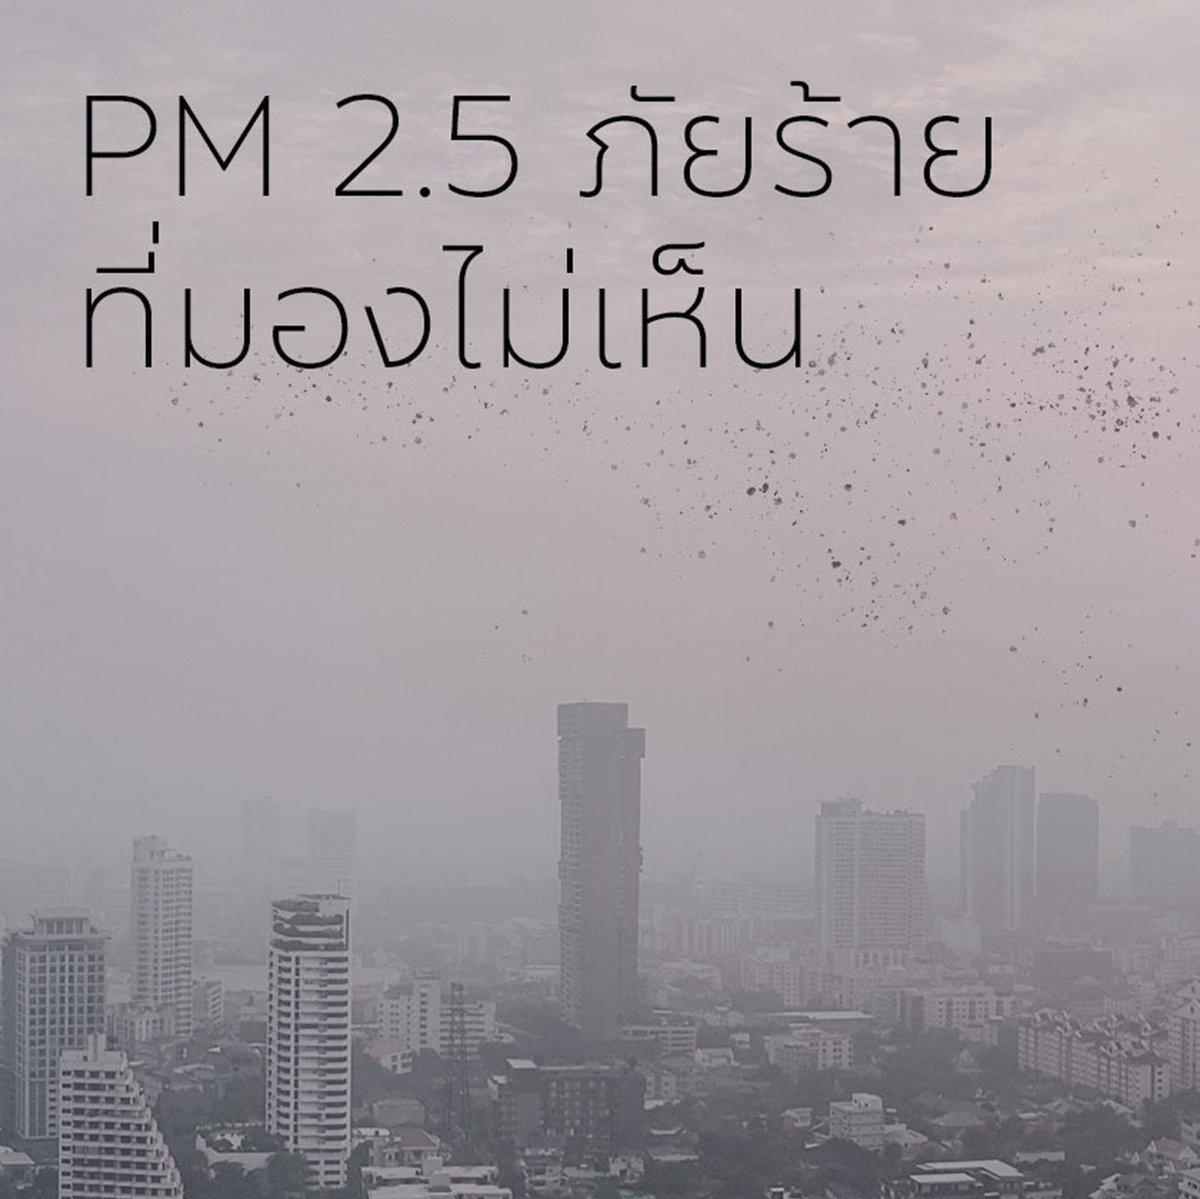 ฝุ่นละออง PM2.5 คืออะไร…แล้วเราควรรับมืออย่างไรกับภัยร้ายที่มองไม่เห็นนี้ พบคำตอบได้ที่นี่ http://wu.to/yRorFO #UNET #BerriesPowers #UVExpert #Sunscreen #Gluta #PM2.5 #InvisibleThreats #HealthyImmunity